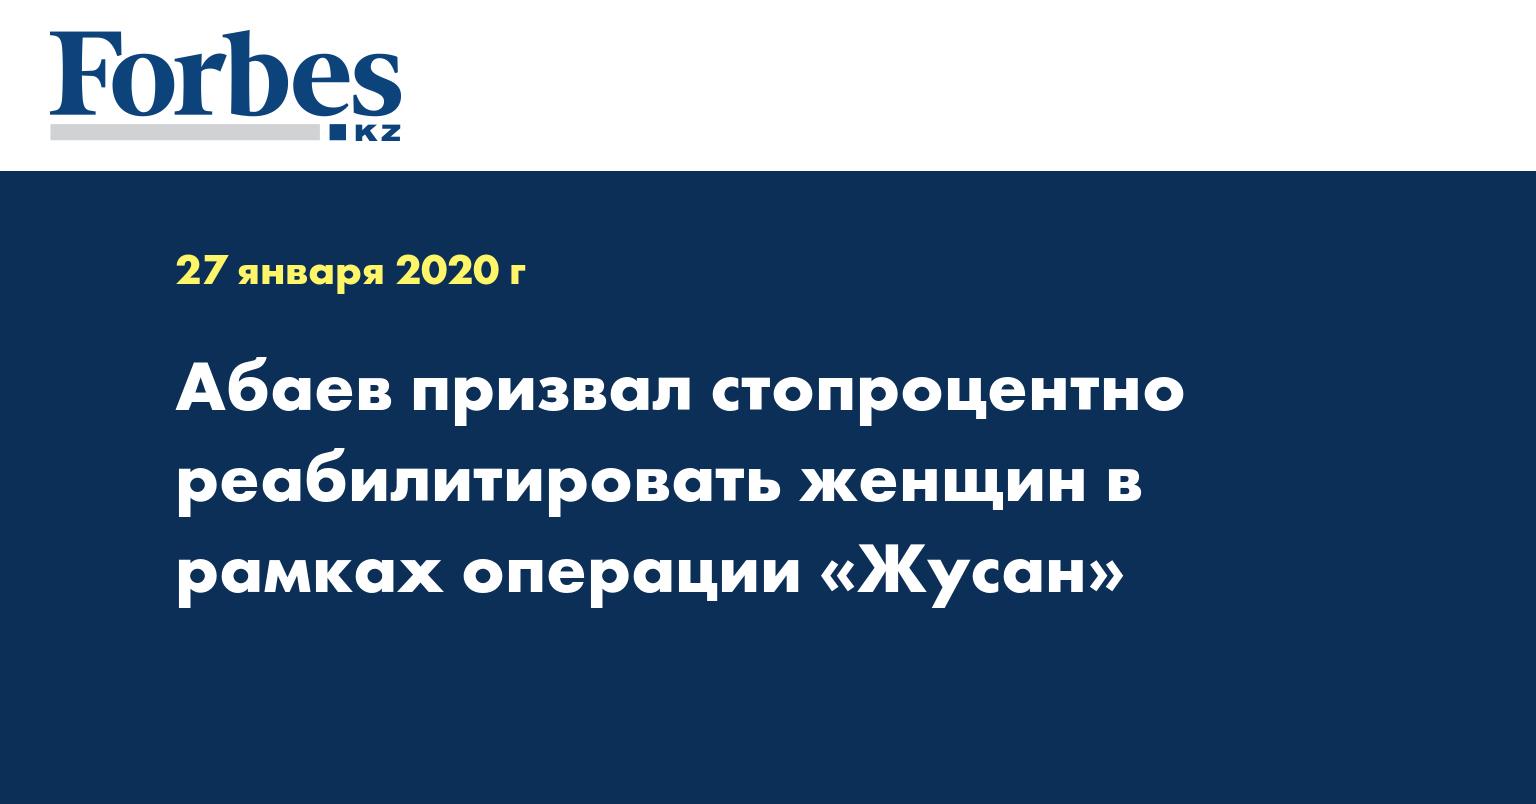 Абаев призвал стопроцентно реабилитировать женщин в рамках операции «Жусан»